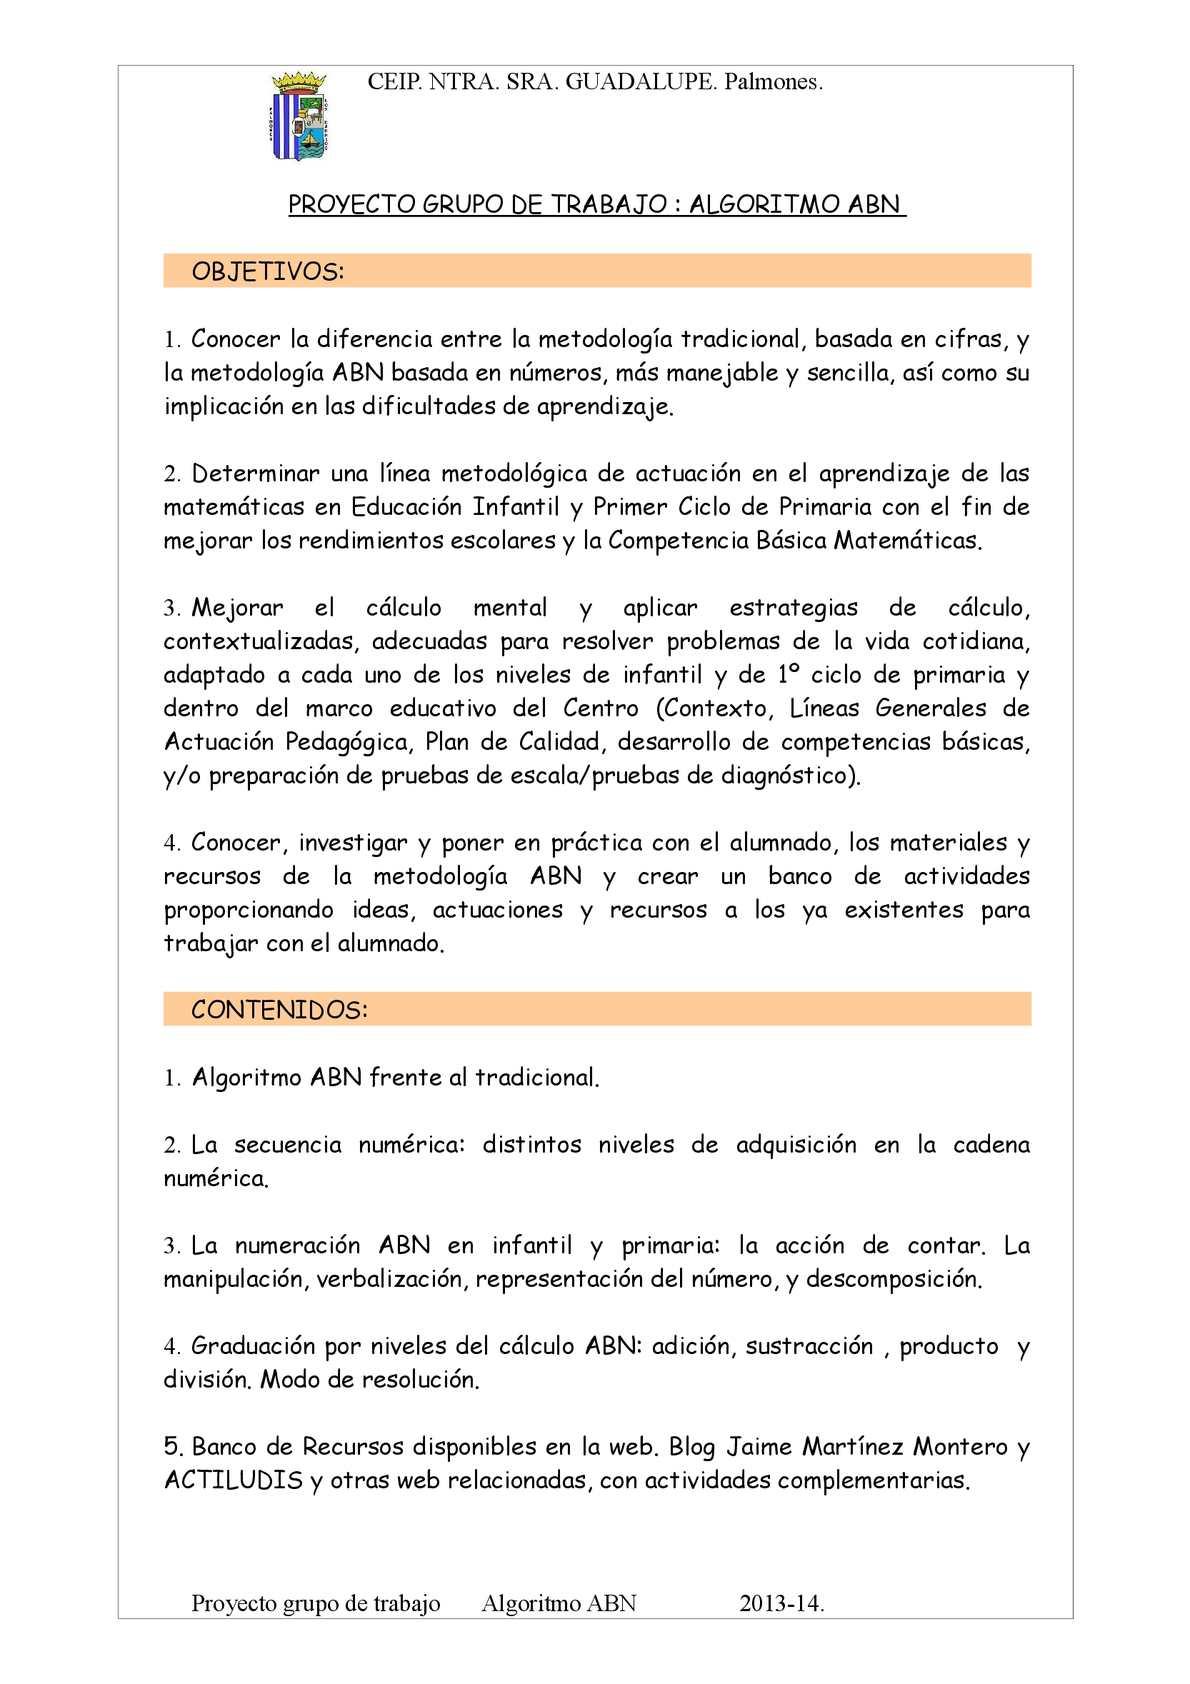 Calaméo - GRUPO DE TRABAJO ALGORITMO ABN